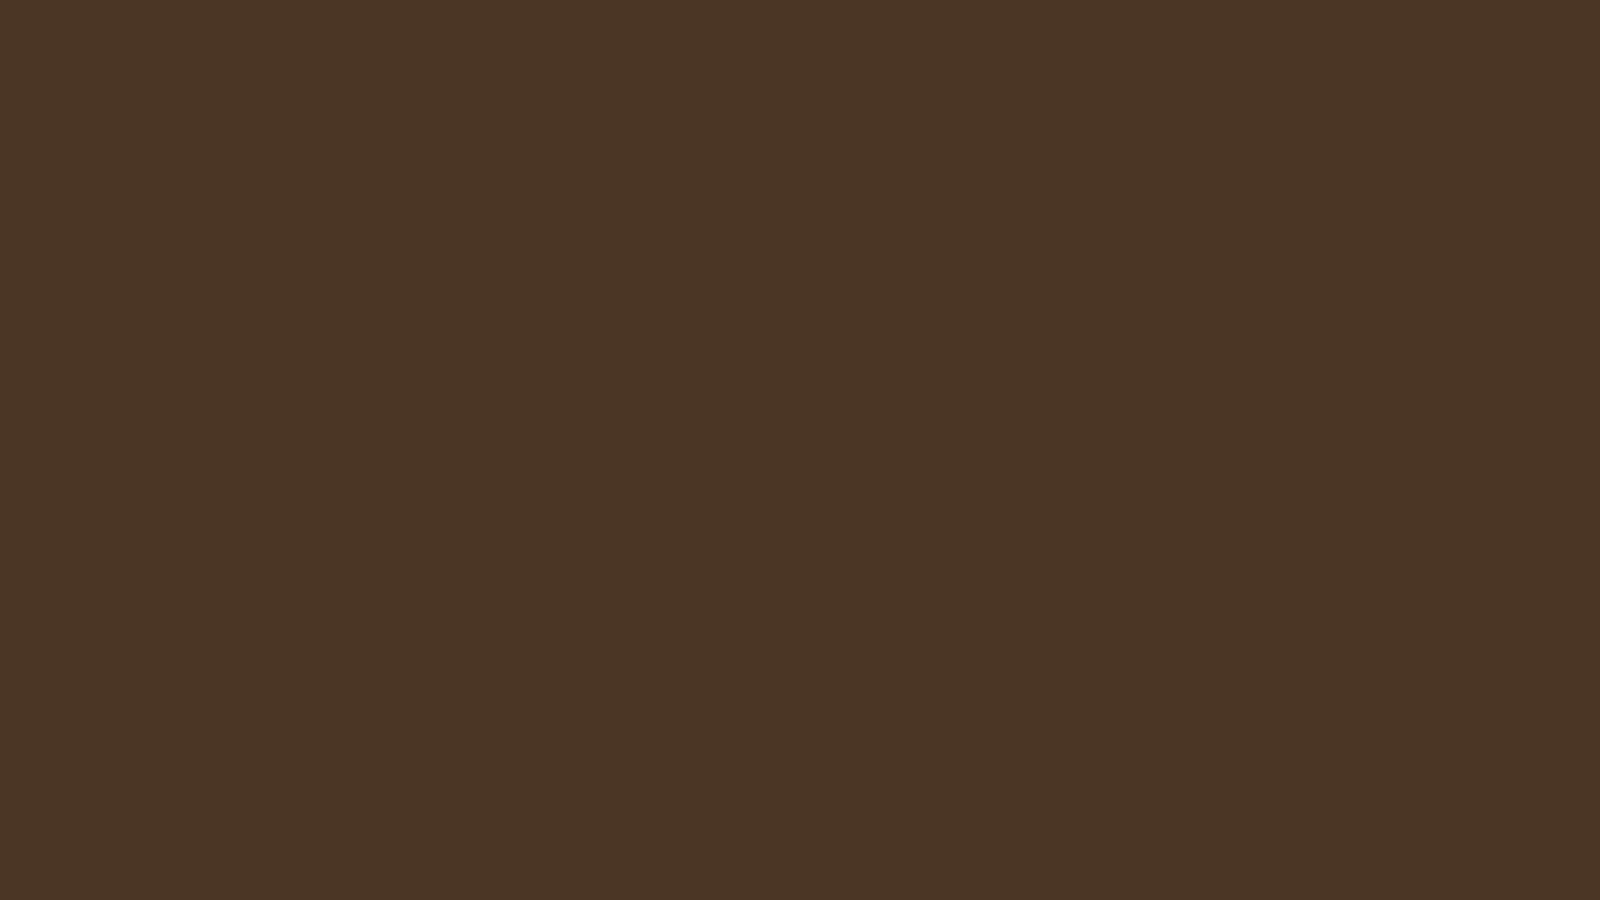 1600x900 Cafe Noir Solid Color Background